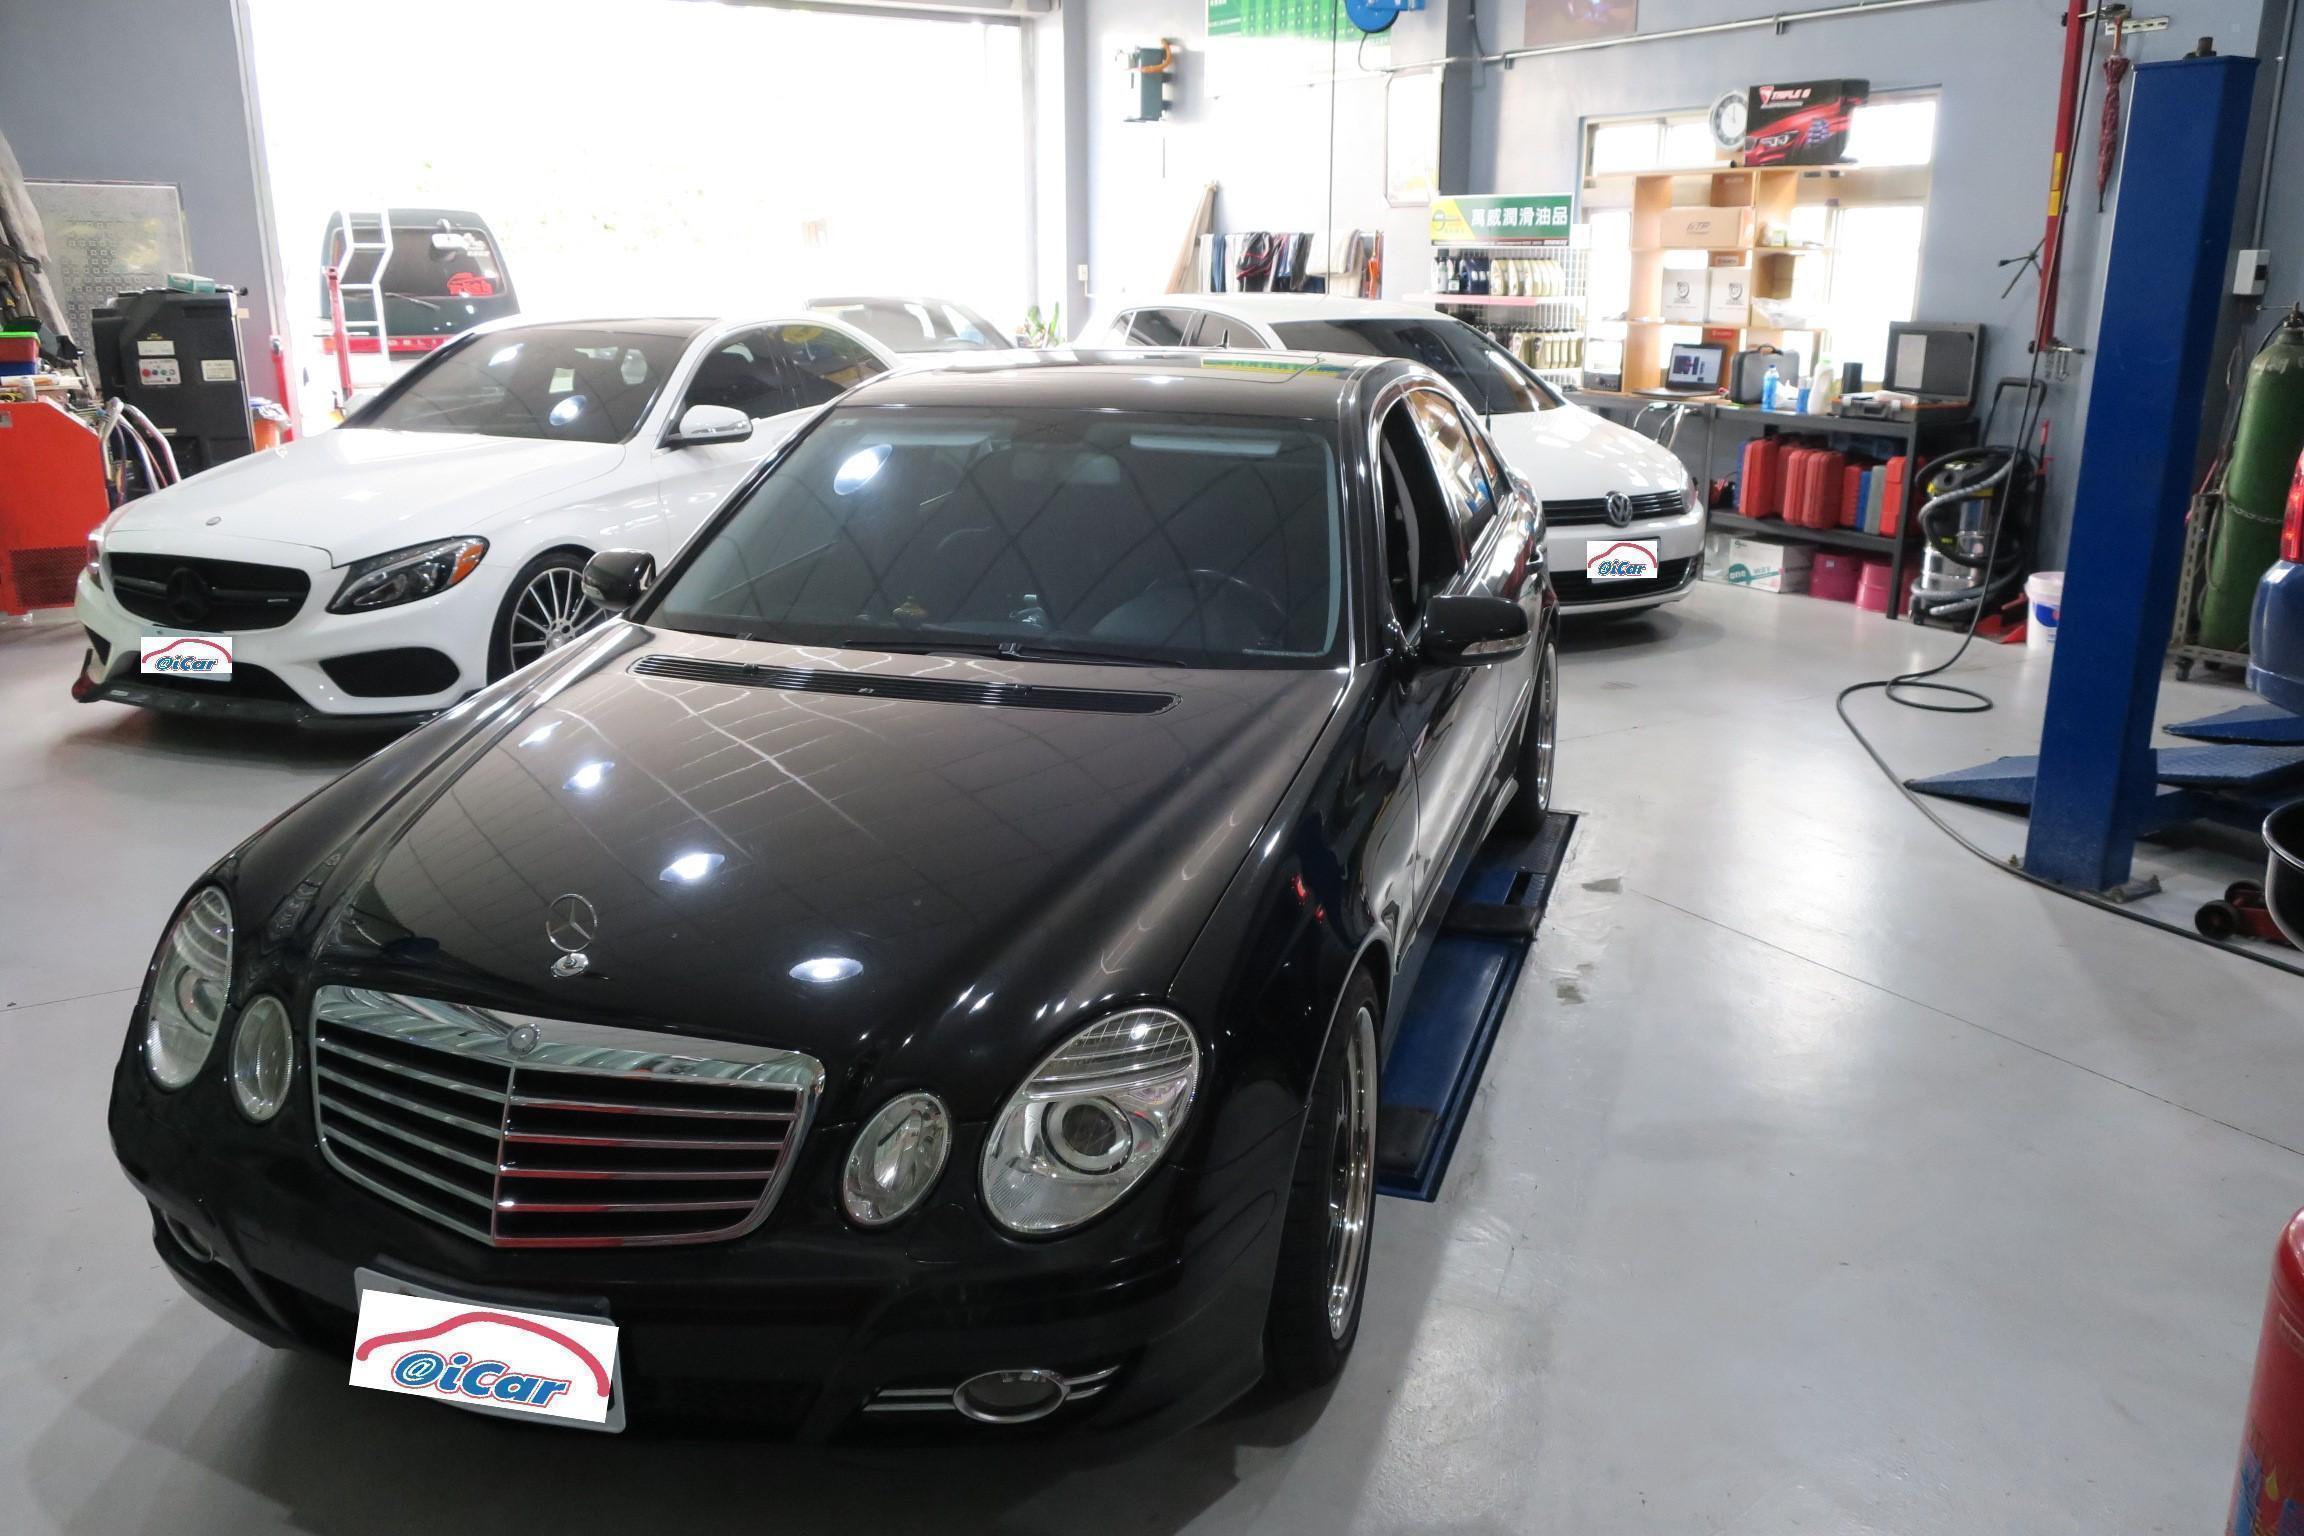 OiCar-昭和汽車